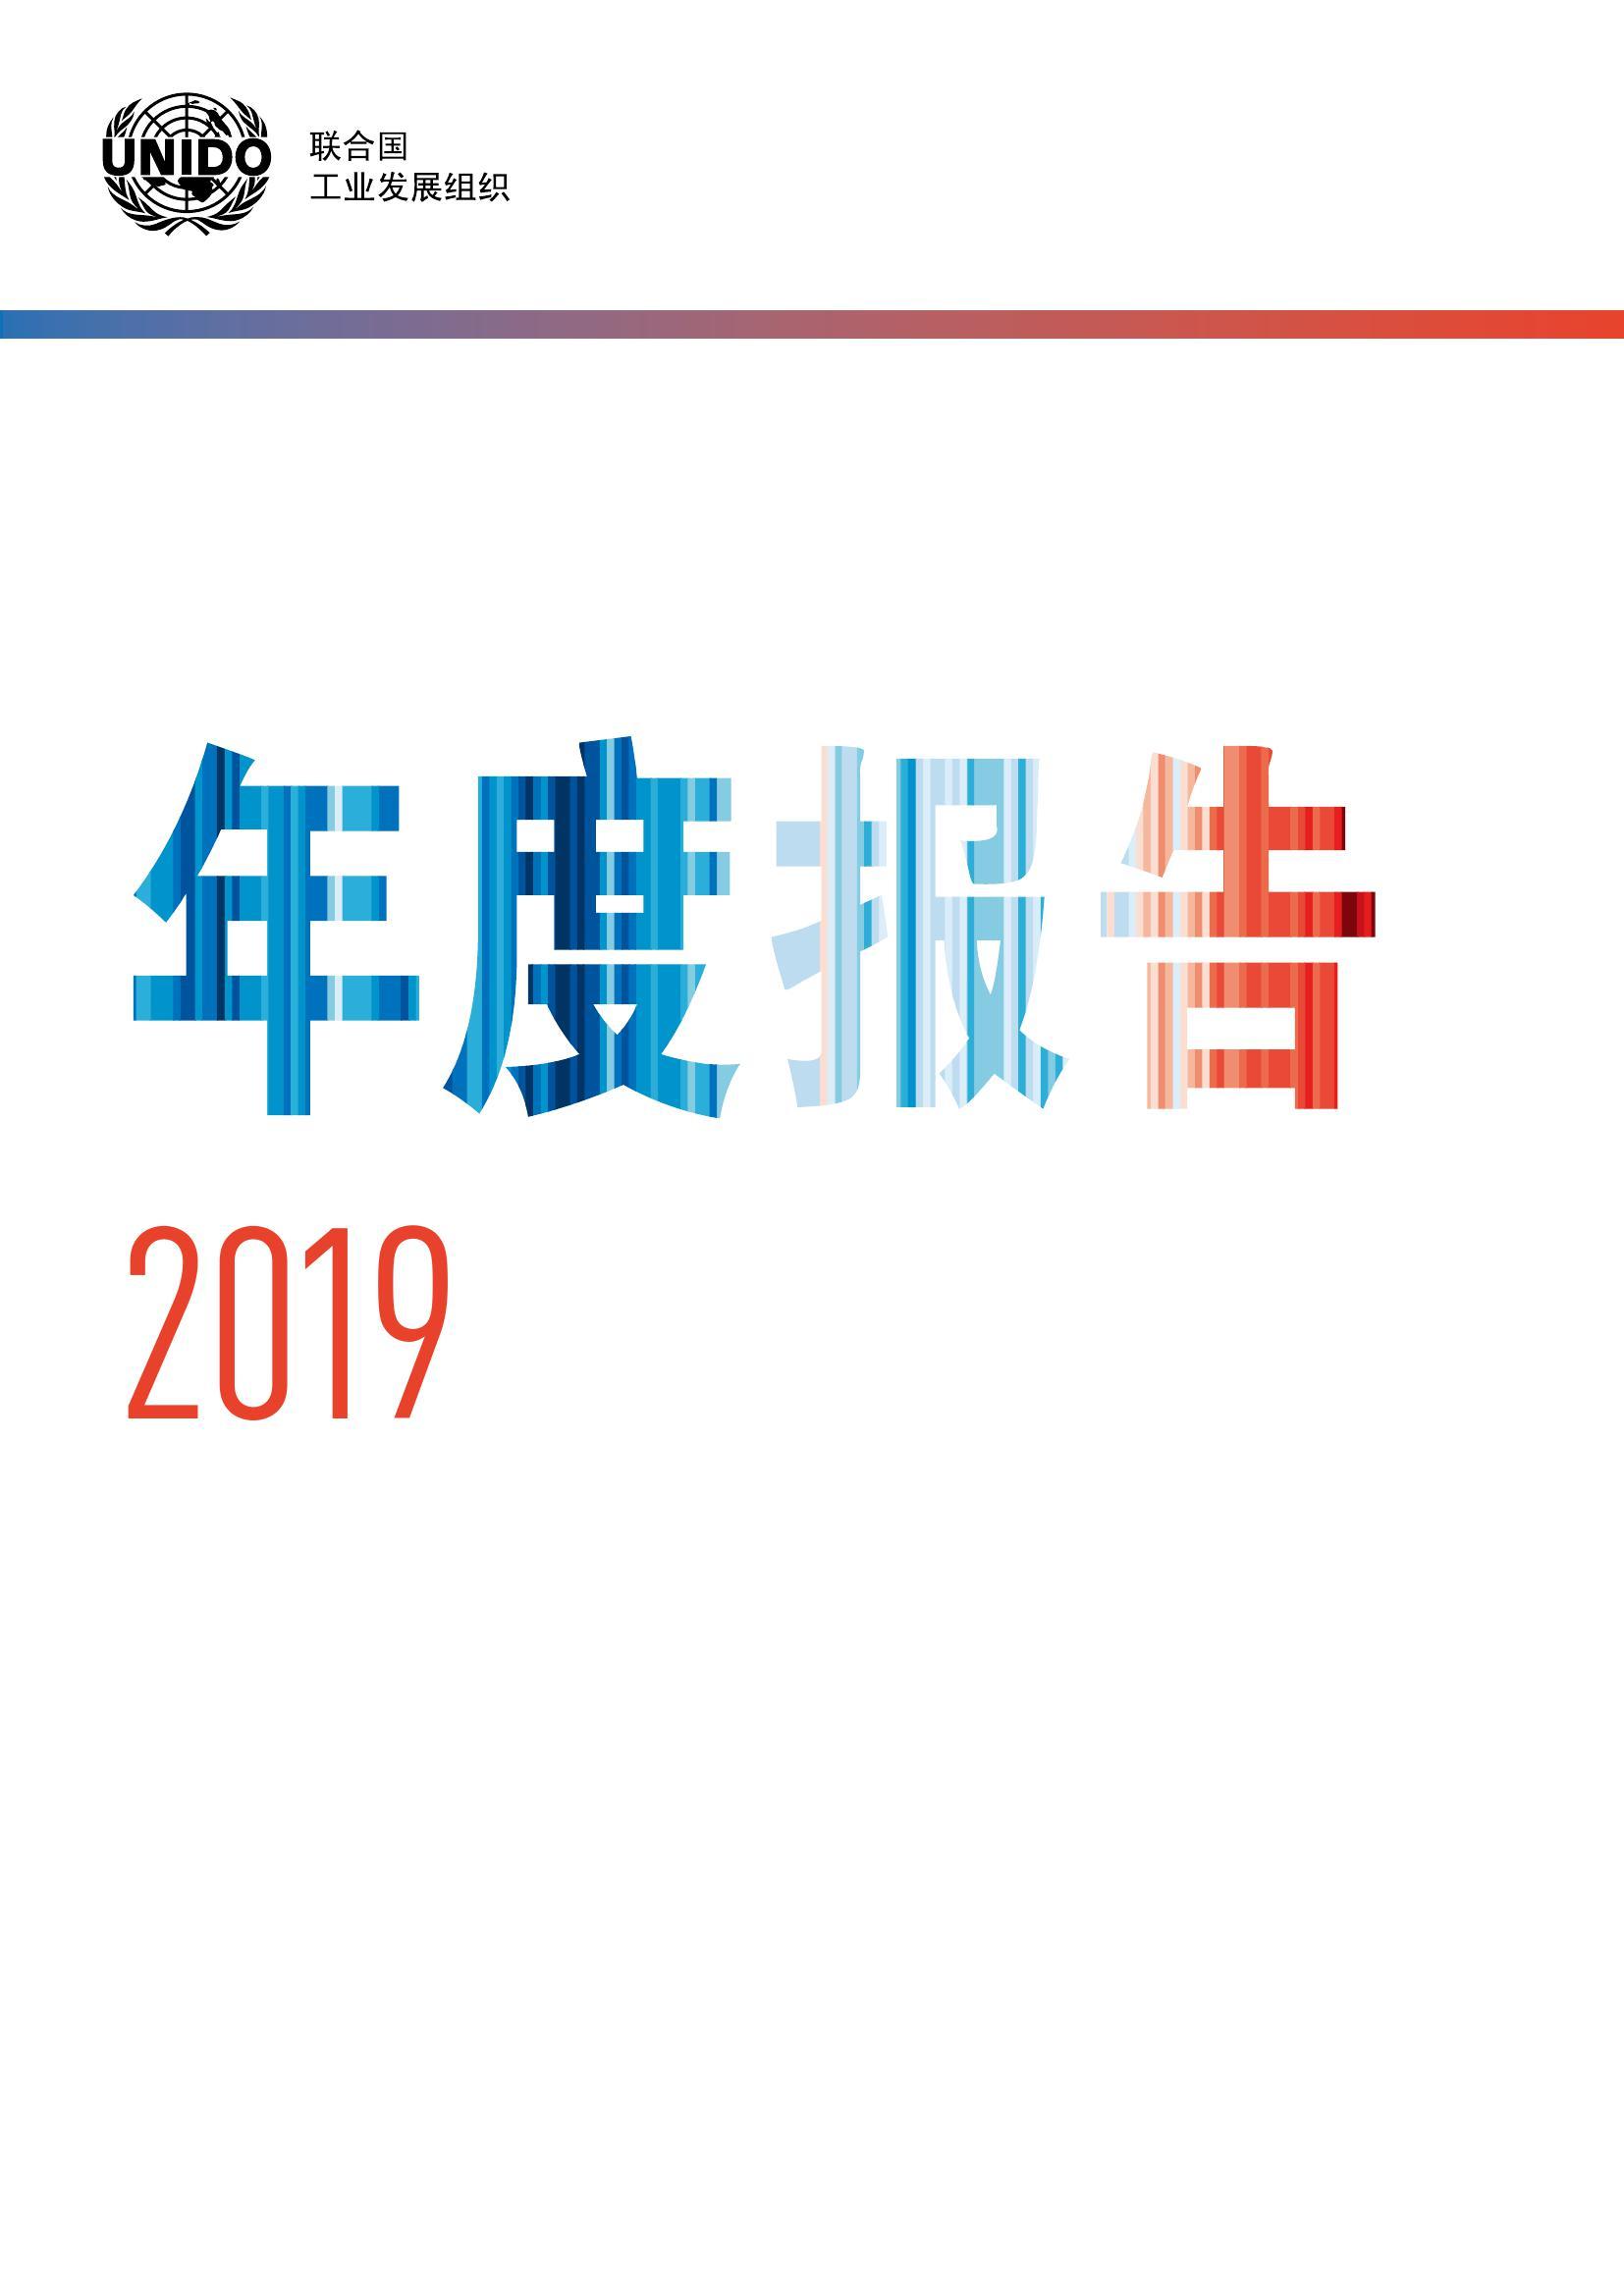 联合国:2019年工业组织发展报告